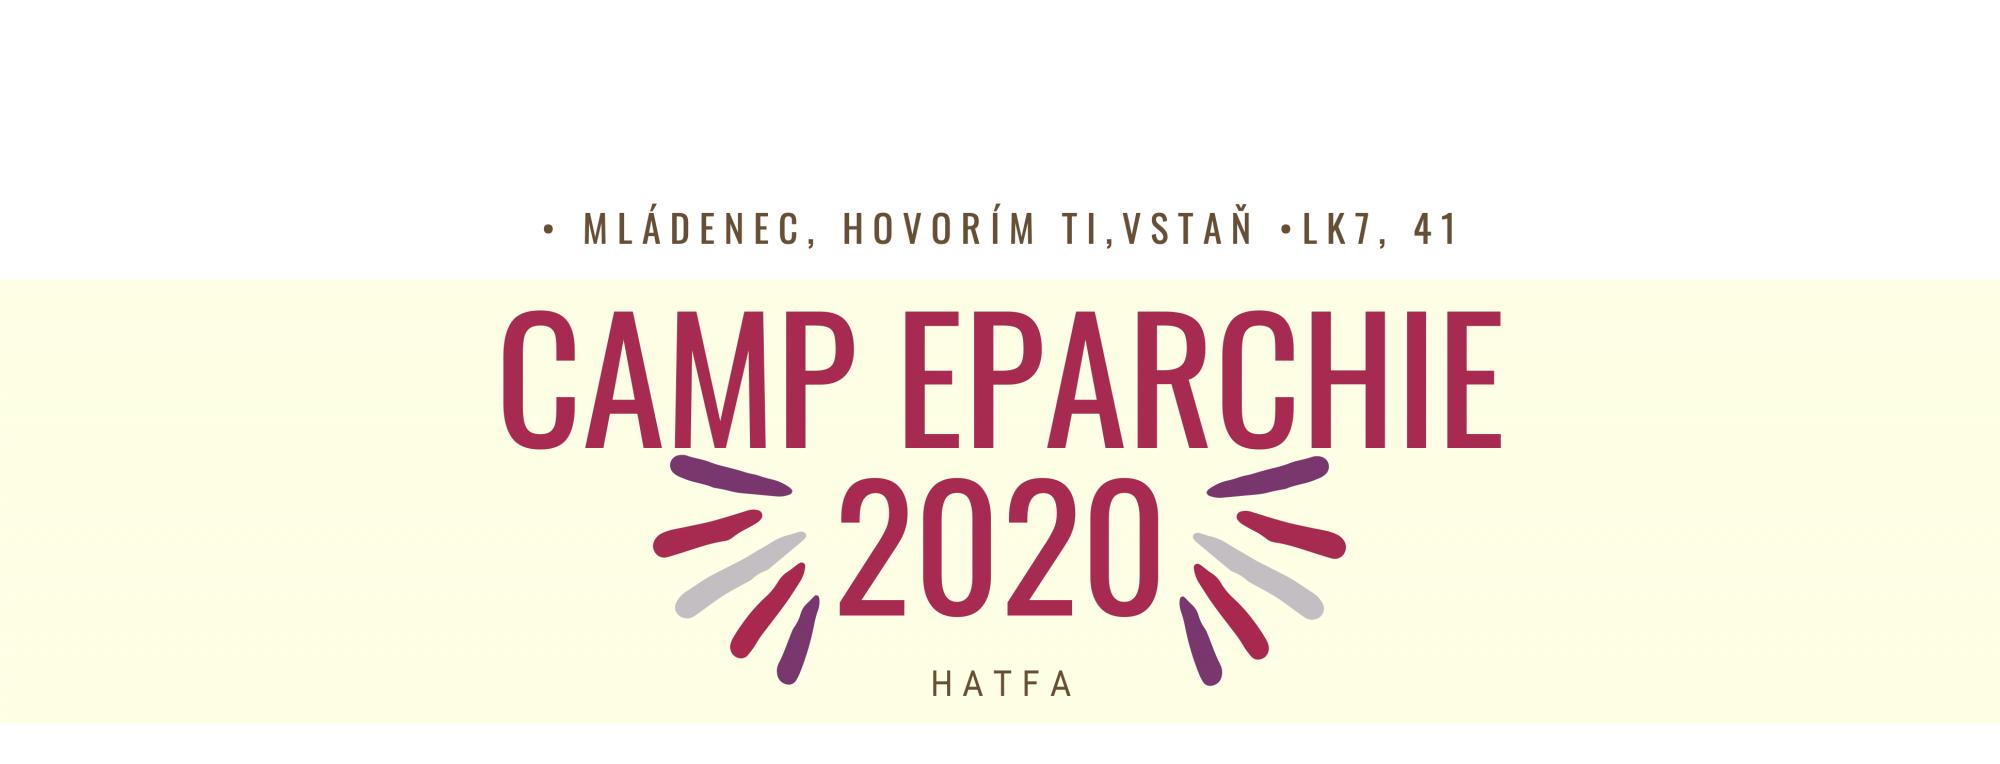 Camp eparchie